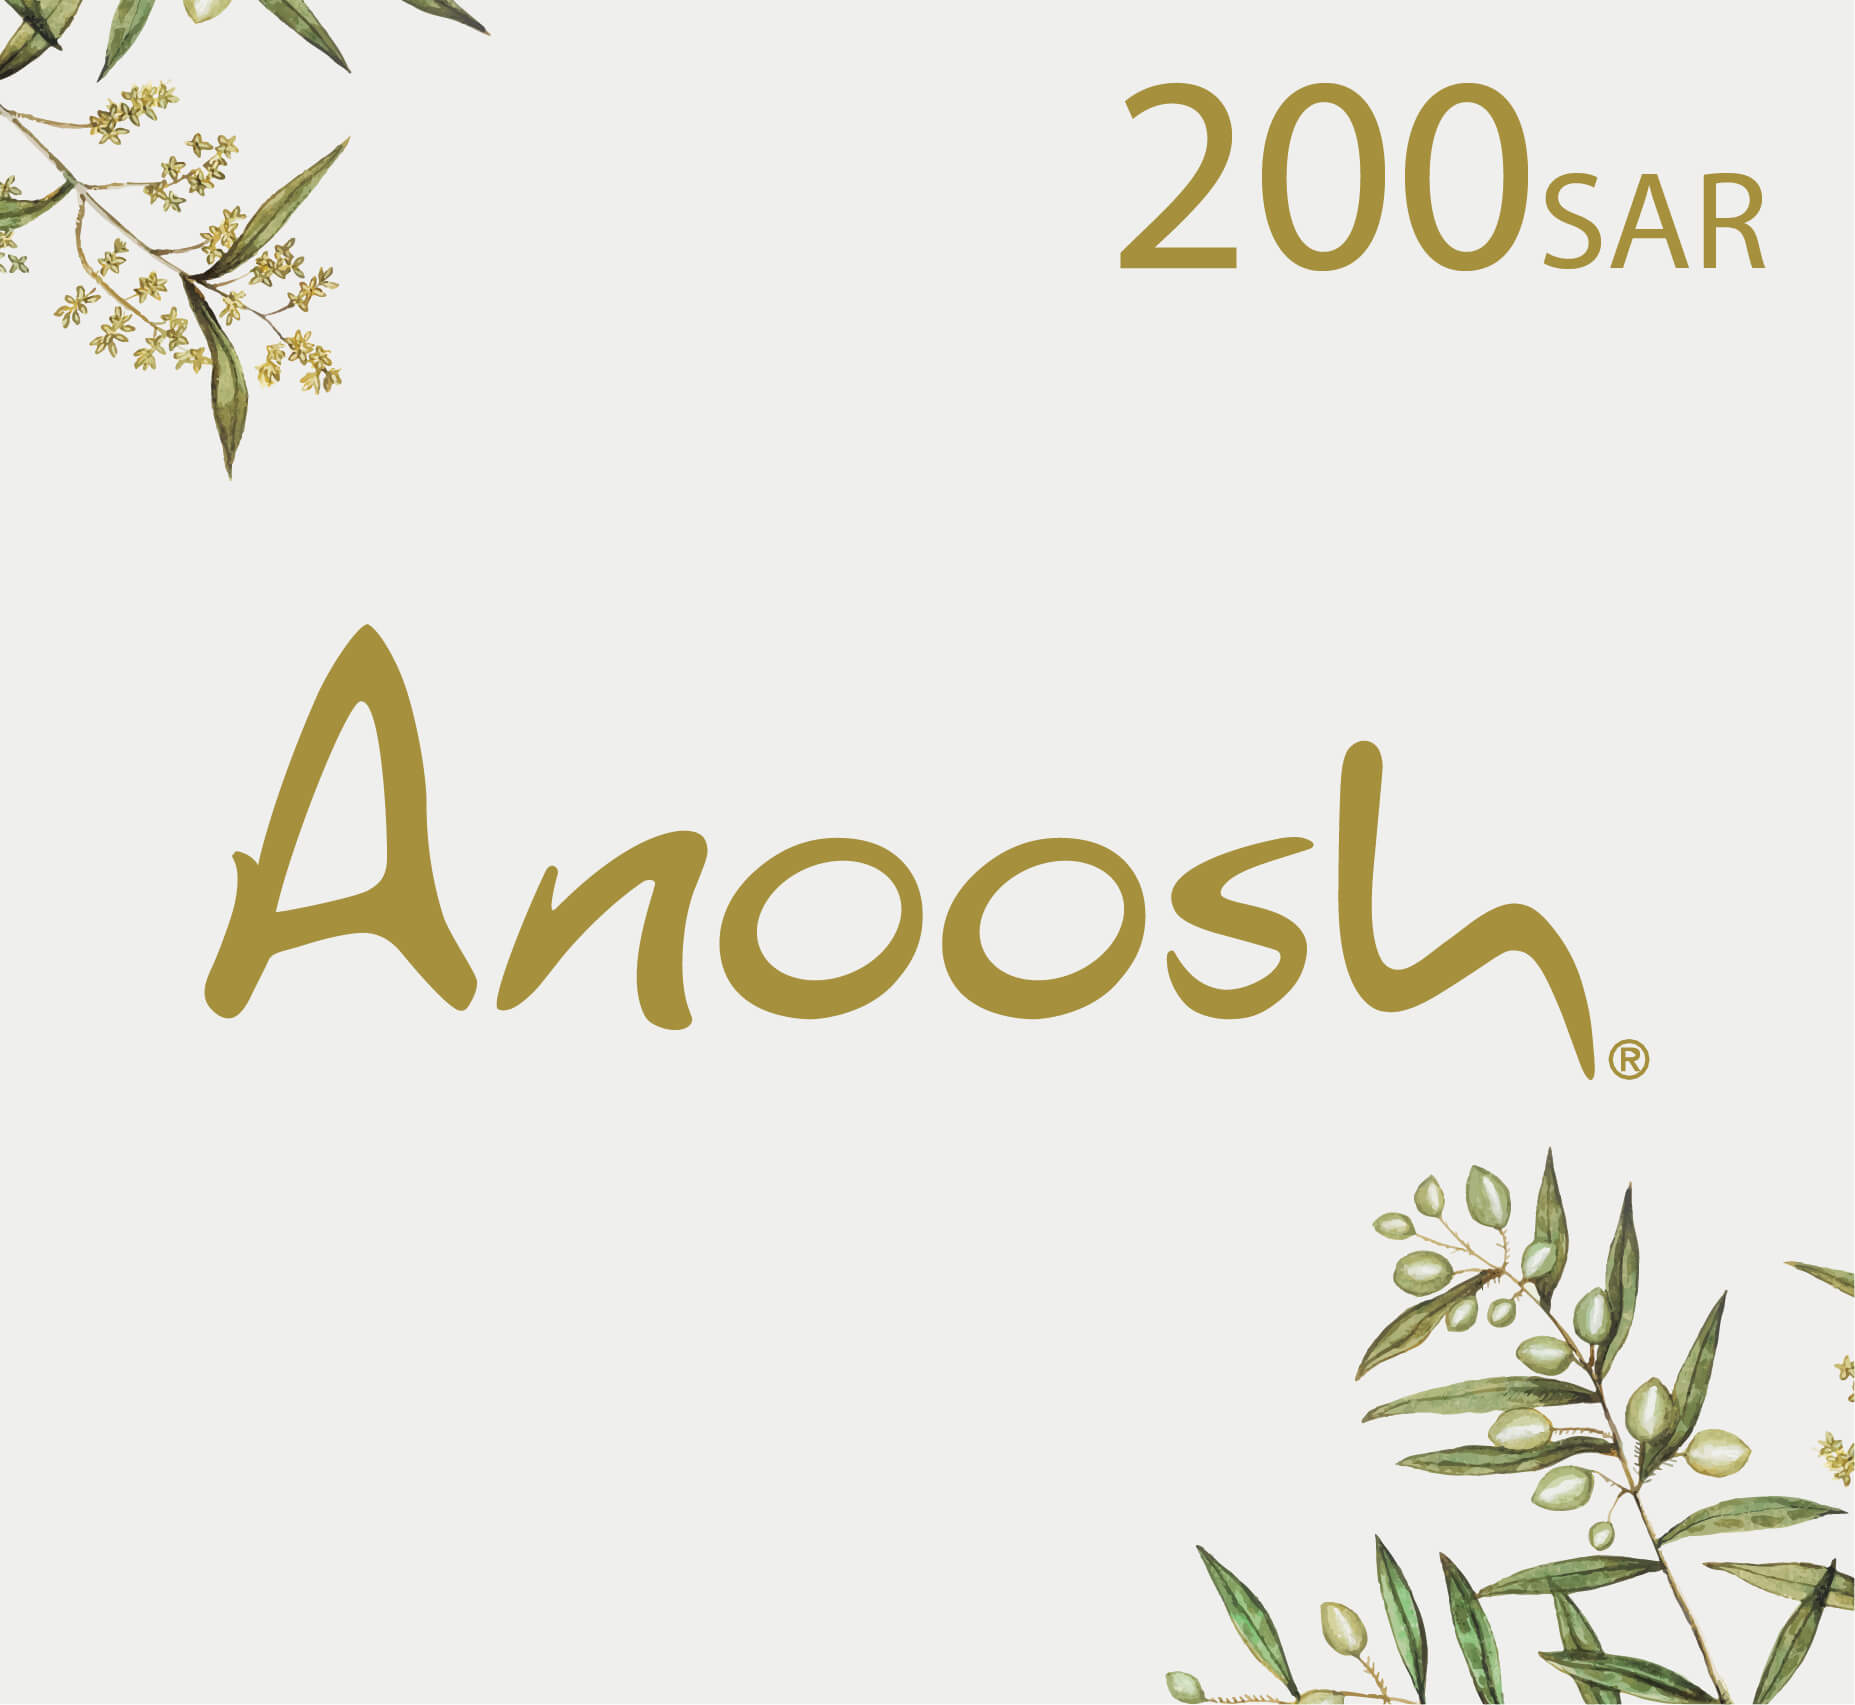 Anoosh Gift Card - 200 SAR